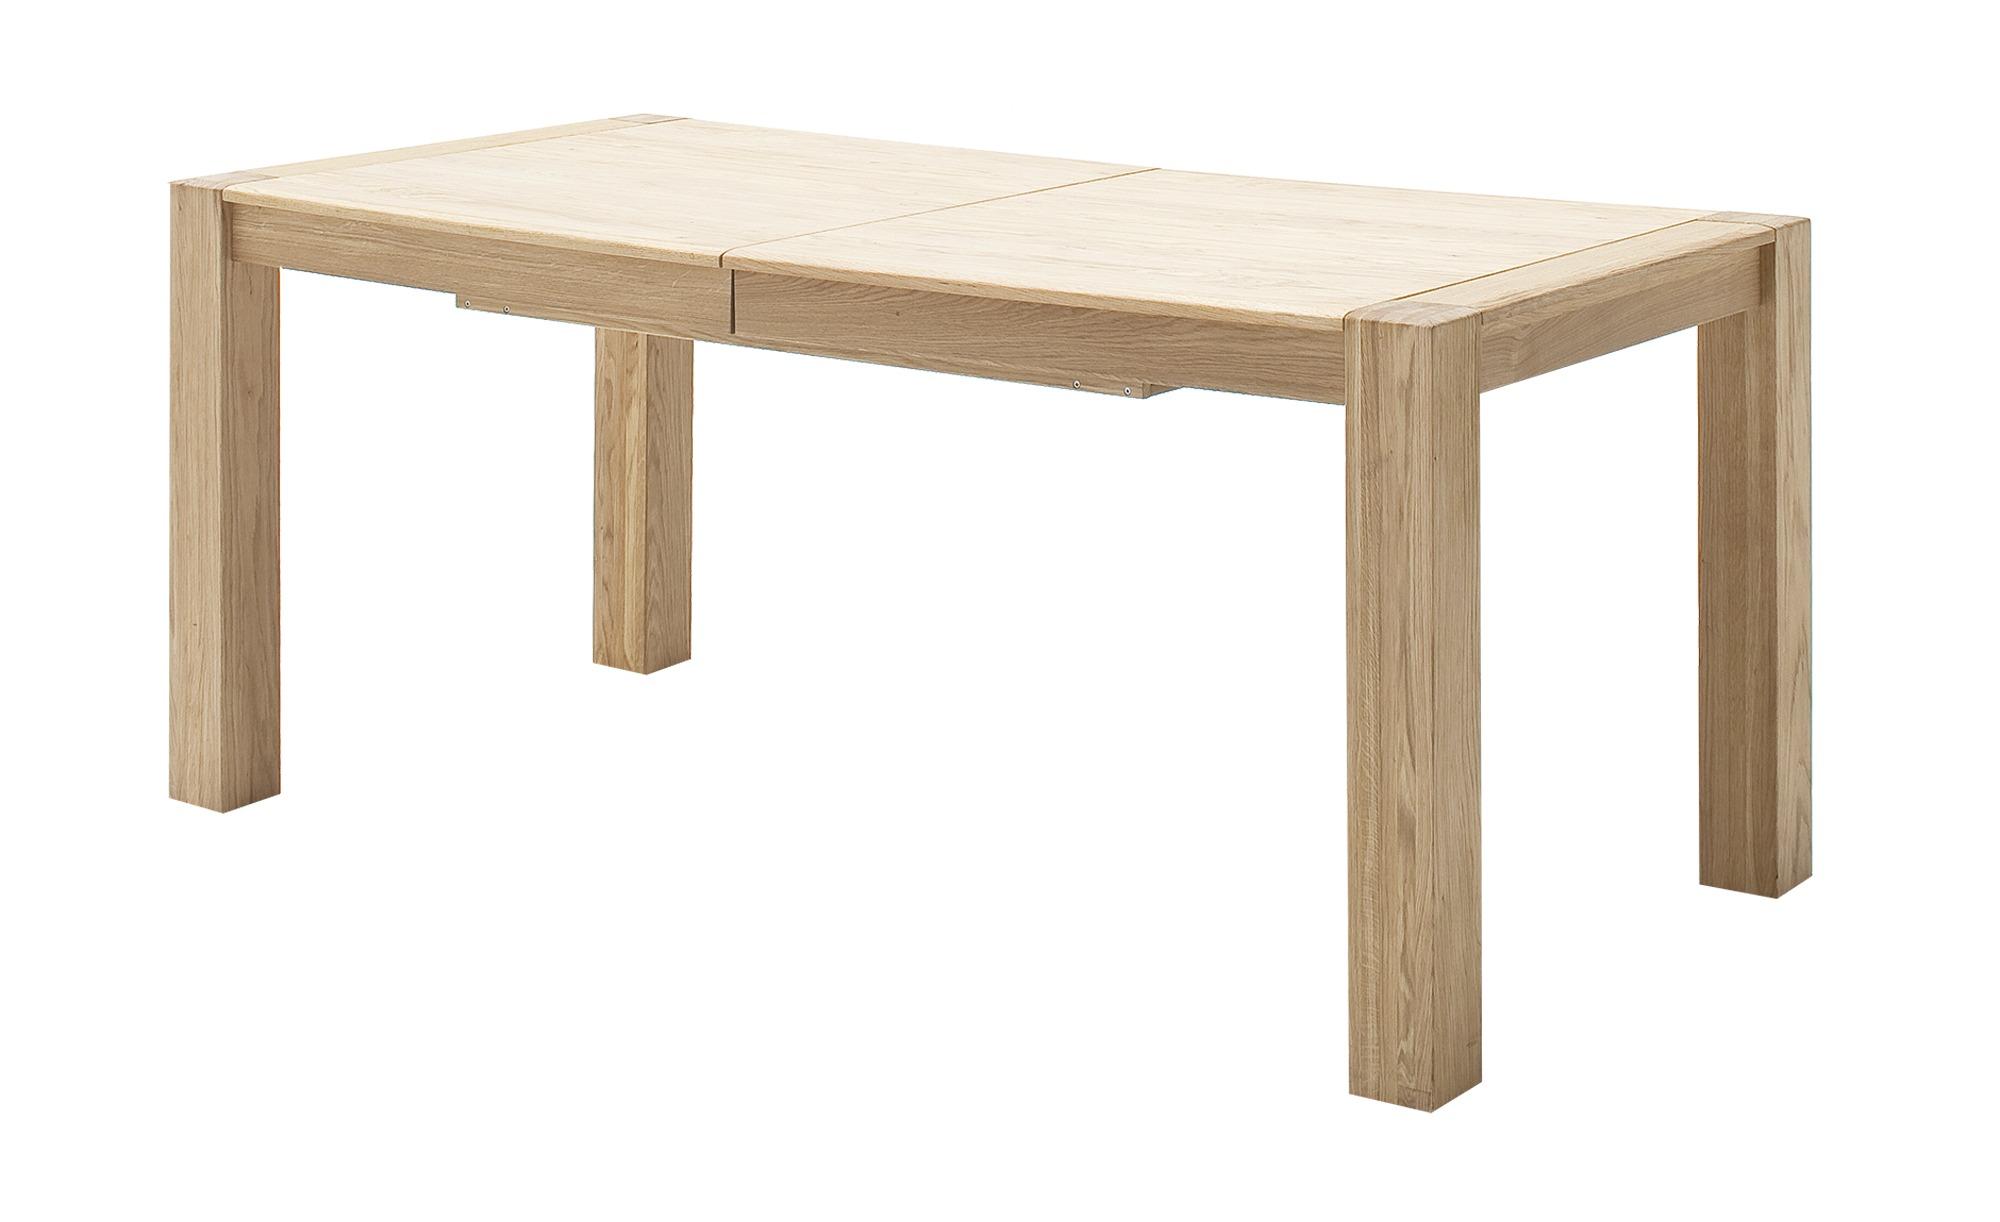 Woodford Esstisch ausziehbar  Loggia - holzfarben - Tische > Esstische - Mö günstig online kaufen